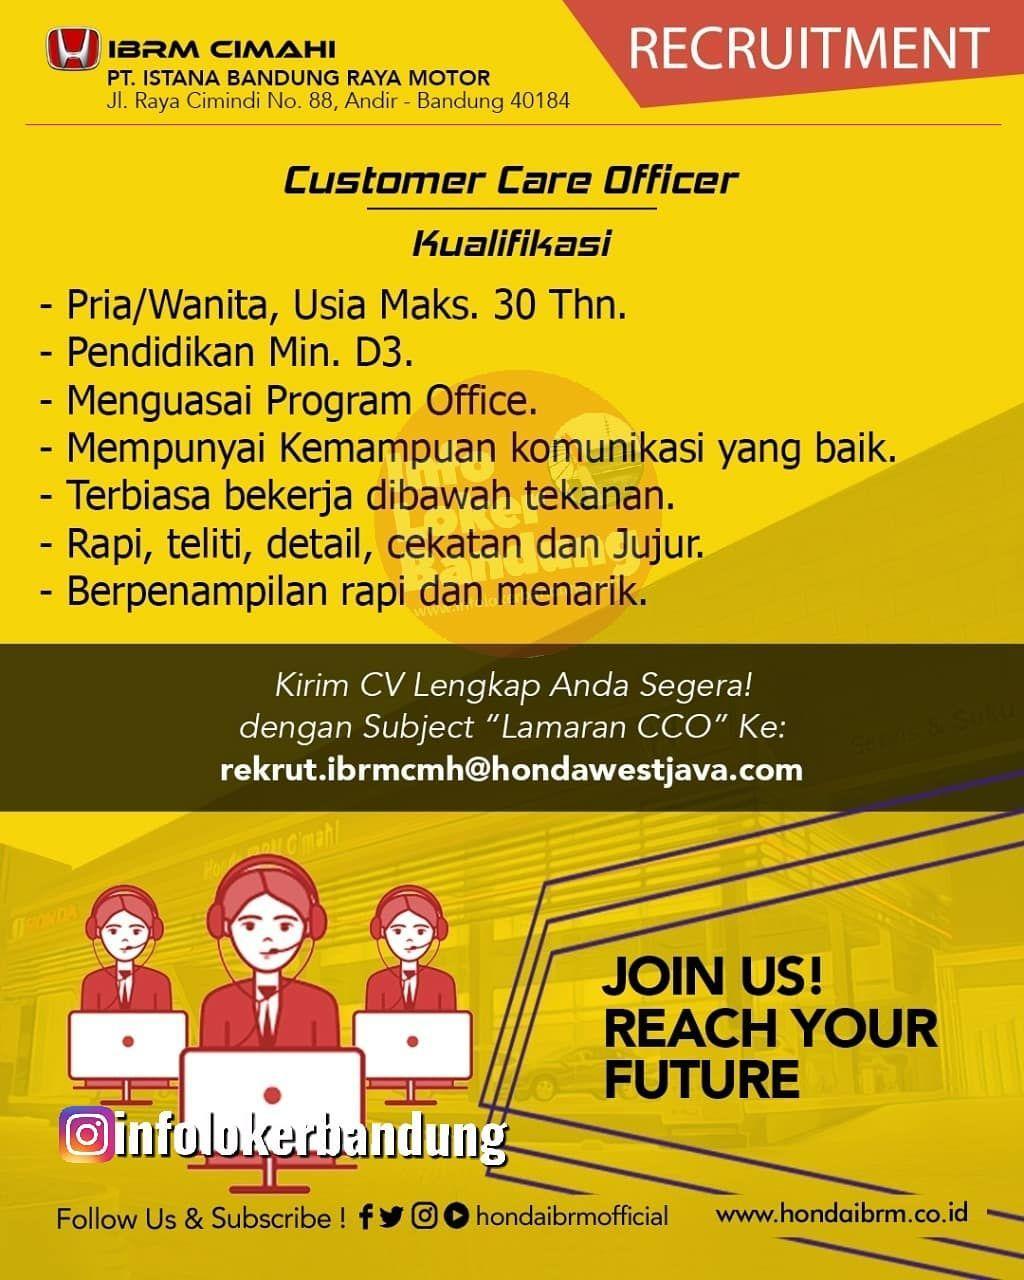 Lowongan Kerja Honda IBRM Cimahi Januari 2020